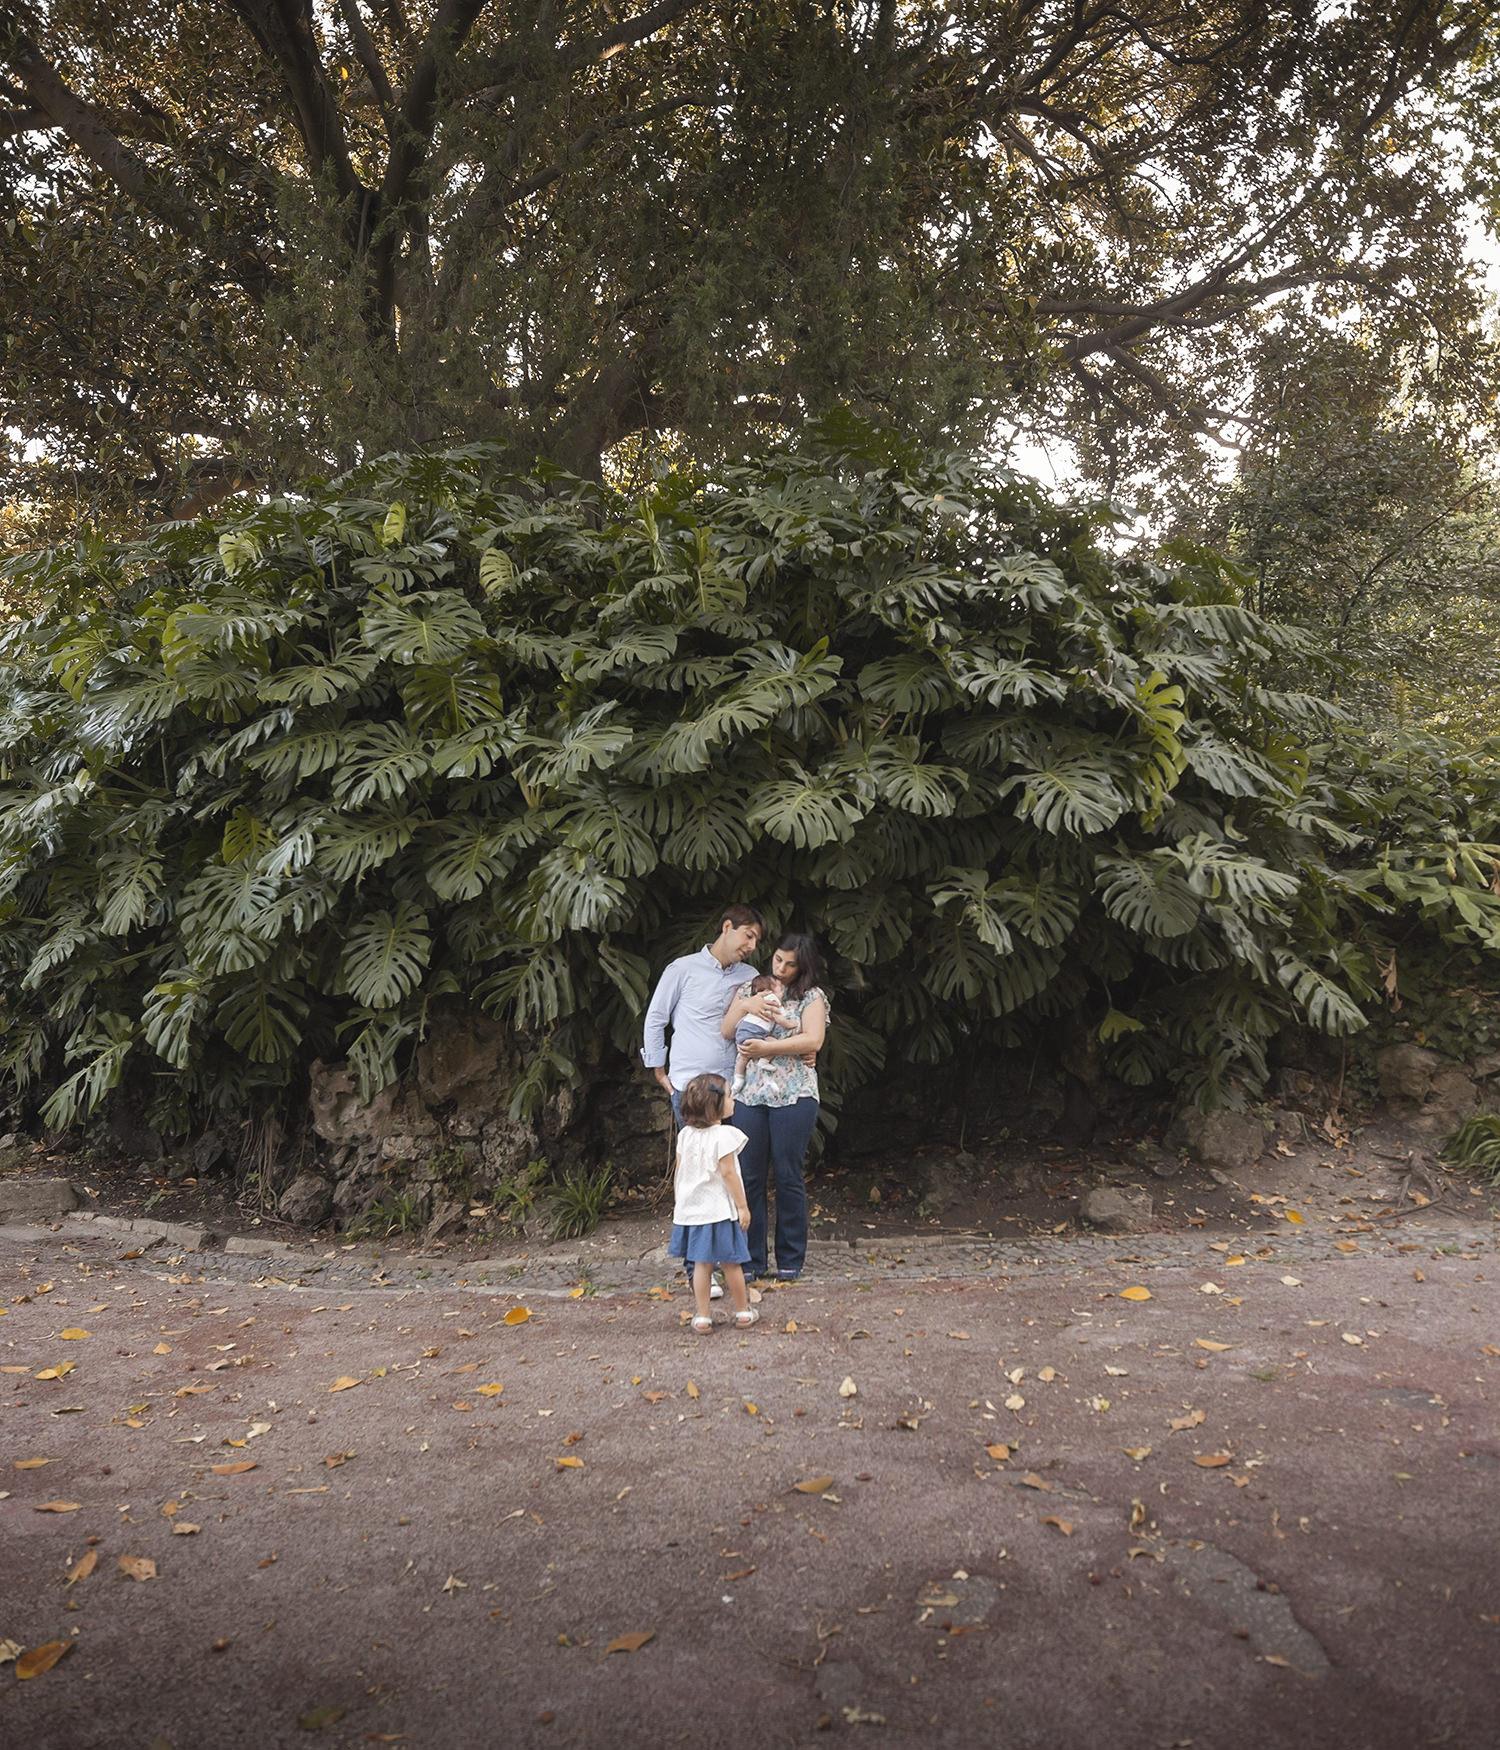 lisbon-family-photographer-terra-fotografia-33.jpg